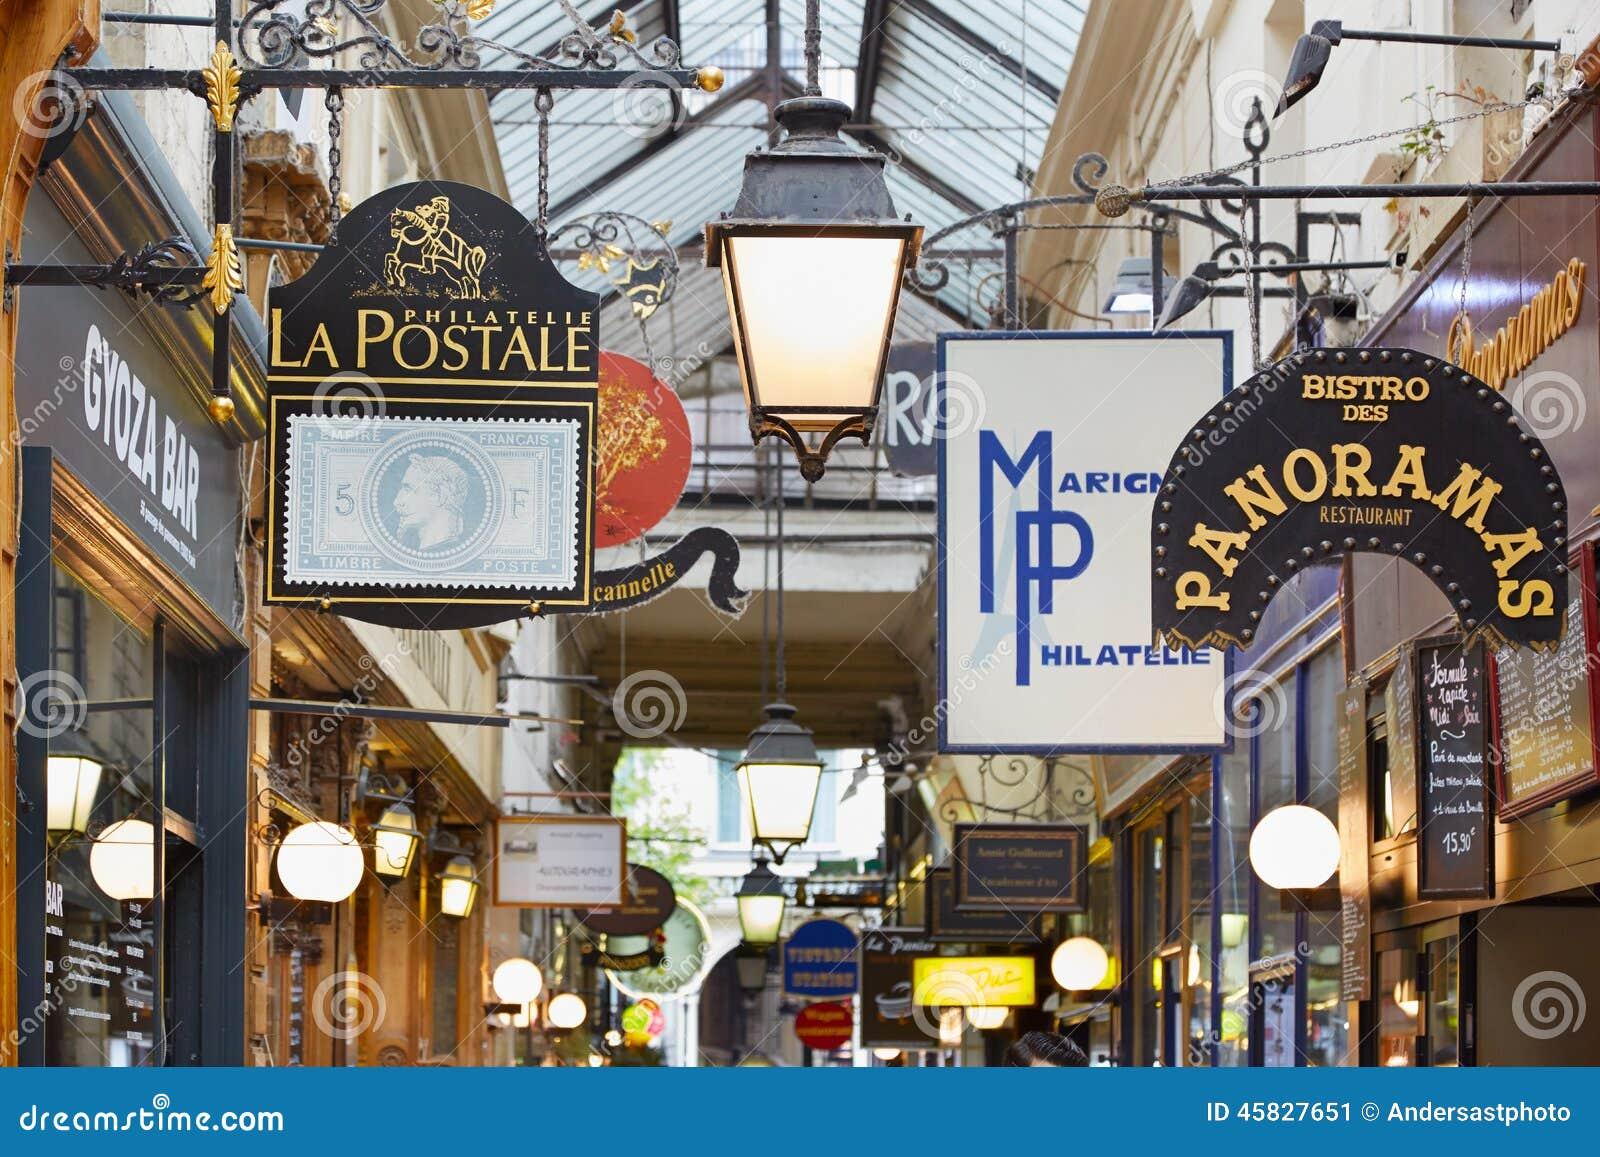 Paris, Passage des Panoramas signs, France